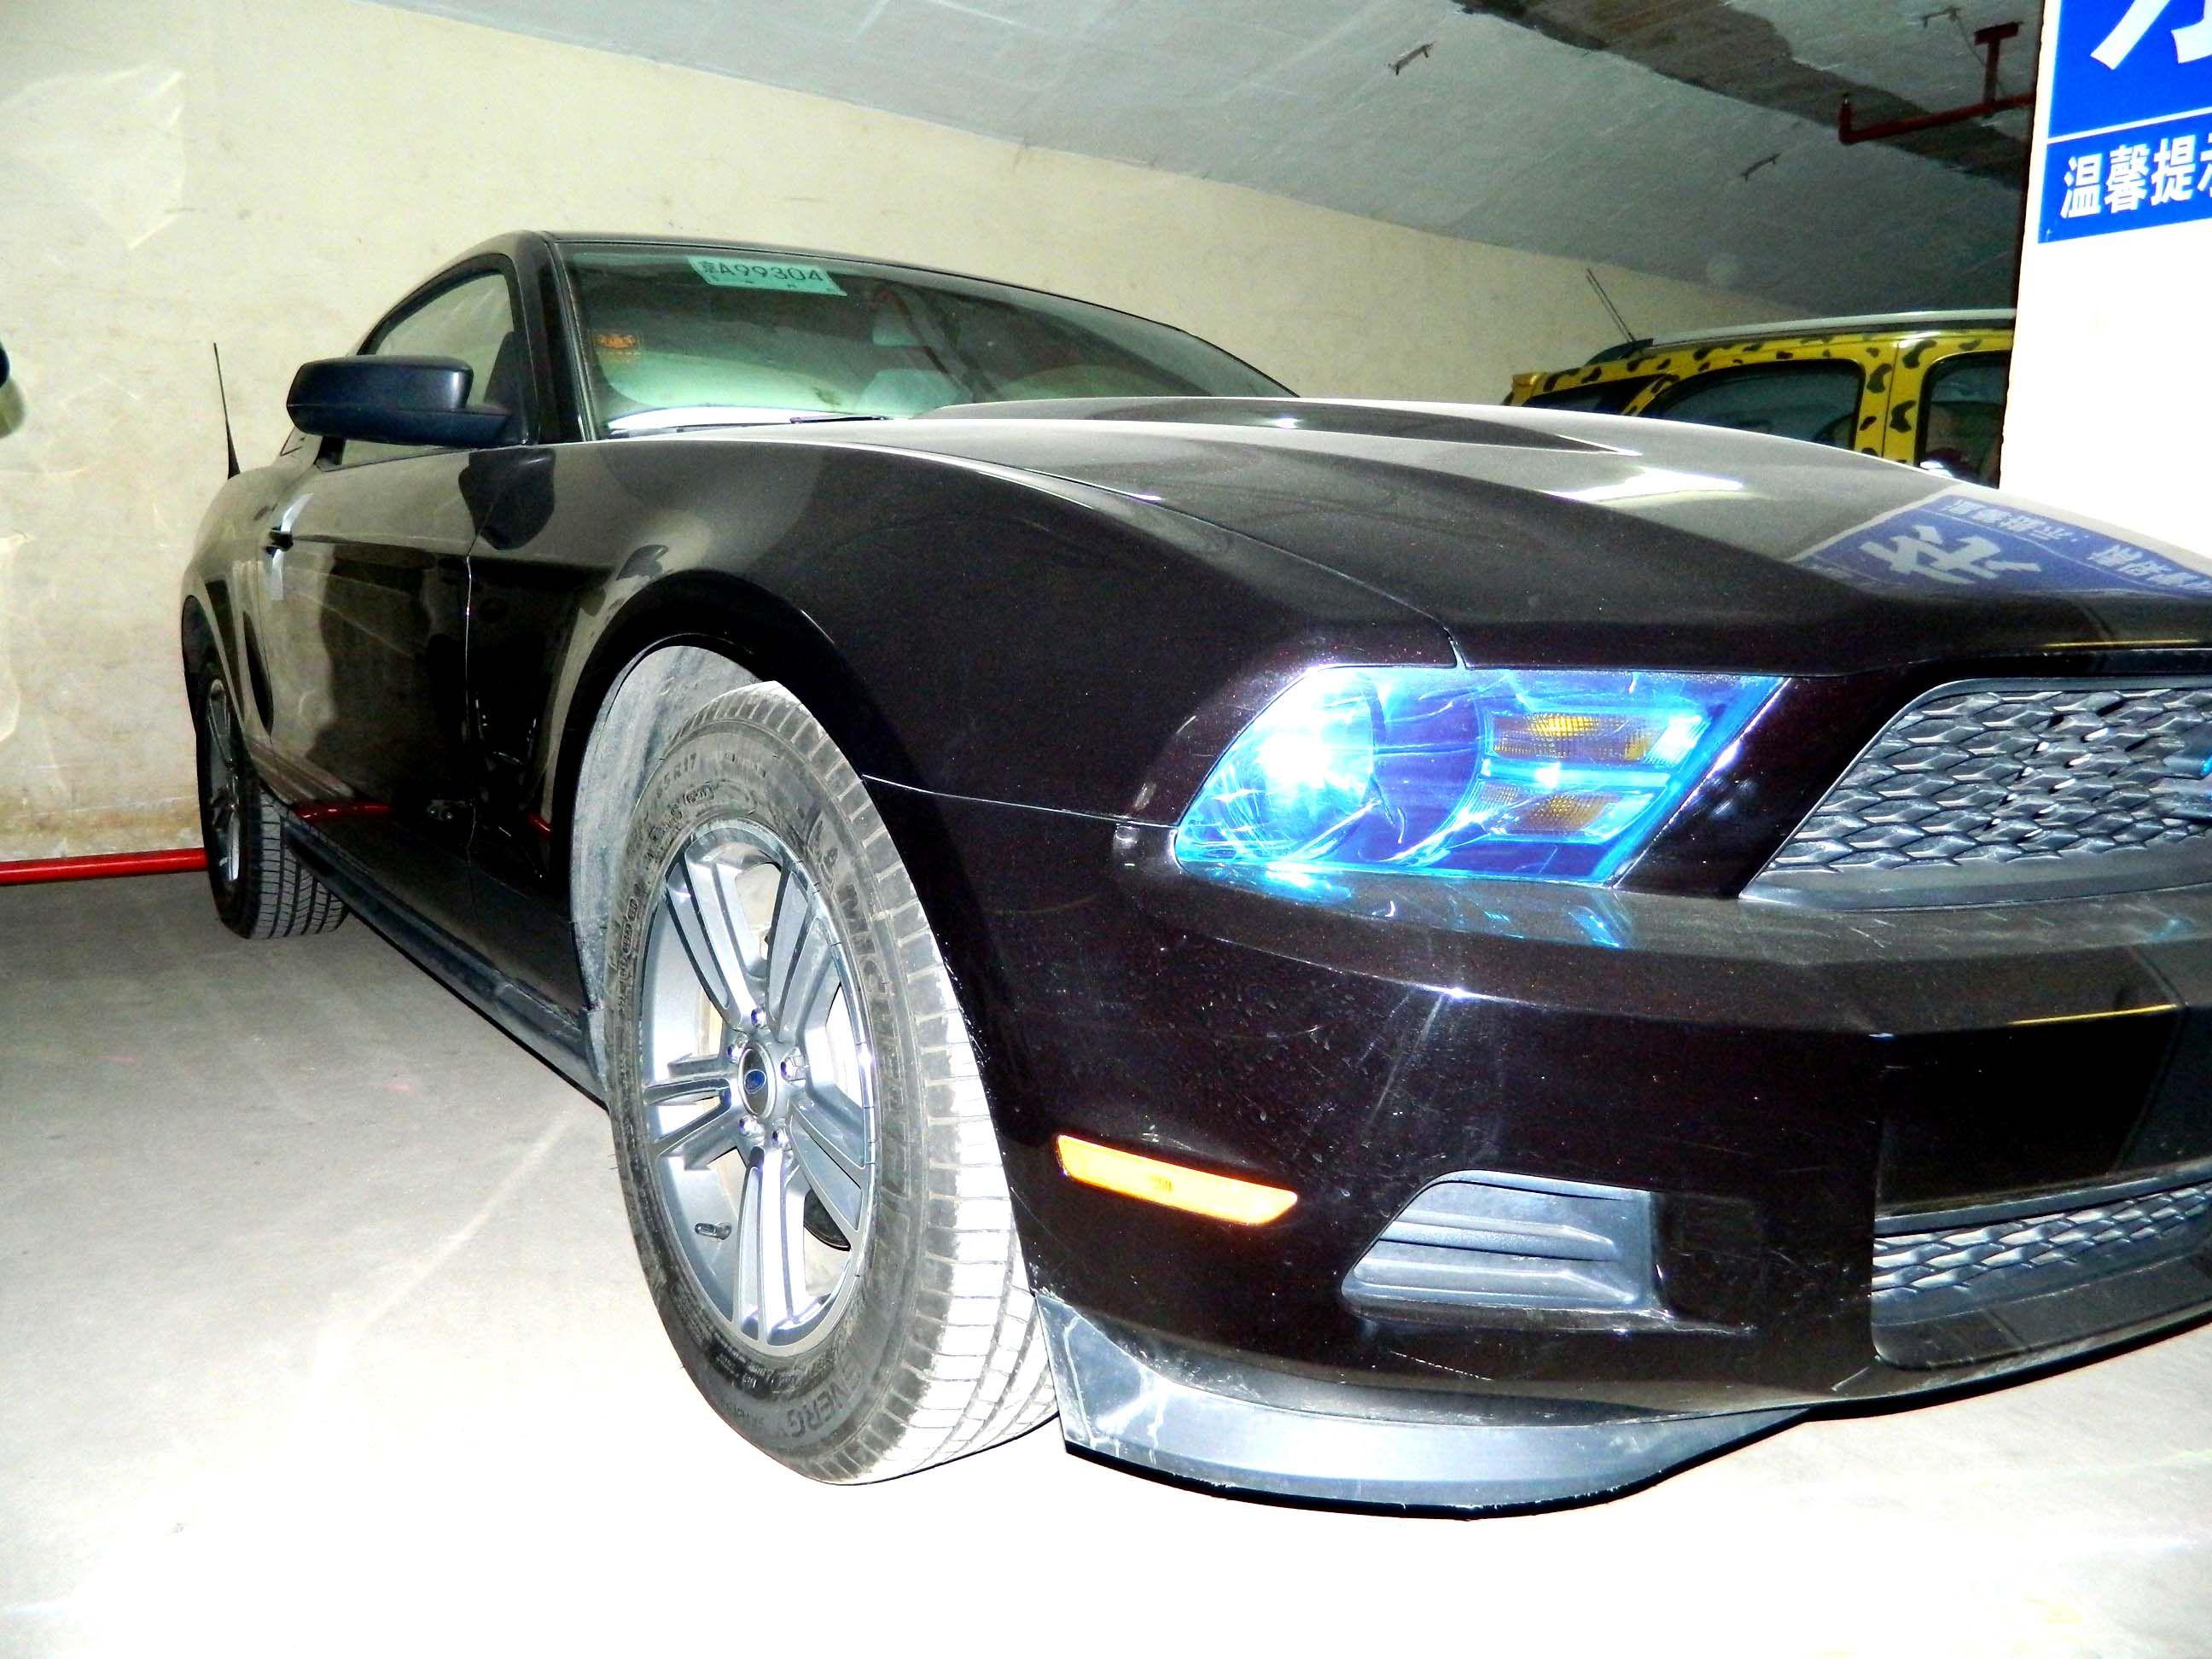 福特野马 3.7 8图 出售福特野马gt跑车 寻有高清图片